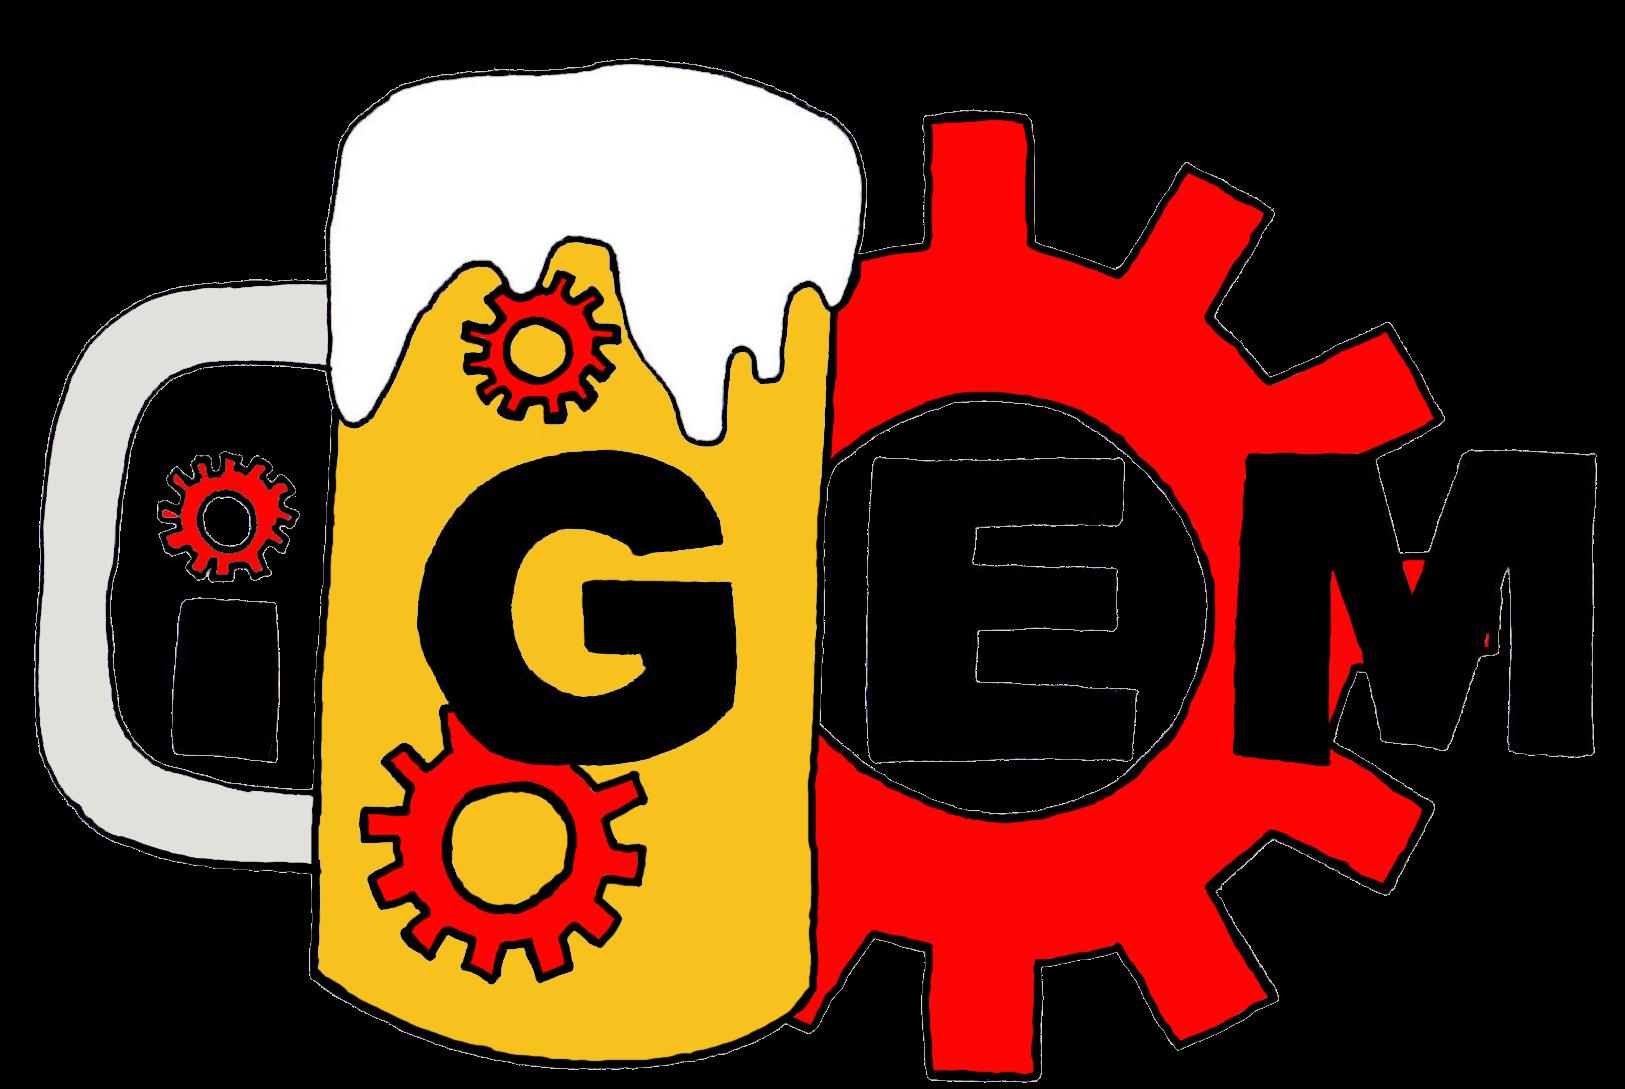 Team u of guelph. Experiment clipart liquid nitrogen